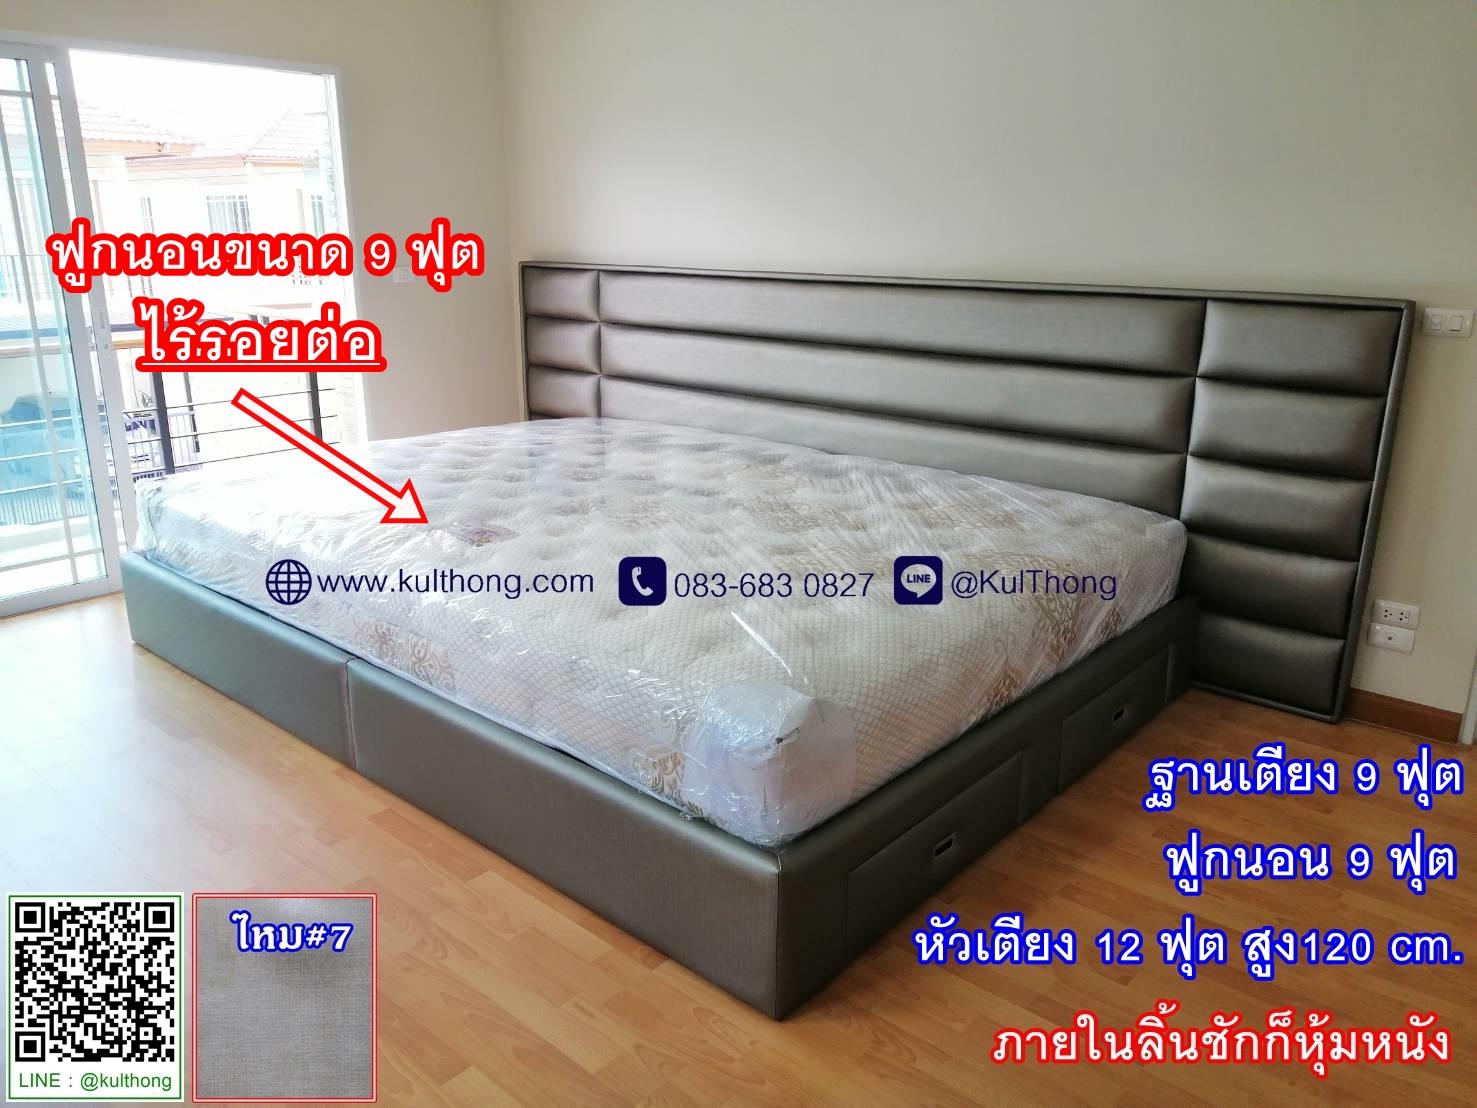 เตียงหุ้มหนัง หัวเตียงสำเร็จ หัวเตียงแขวนผนัง ที่นอนขนาดใหญ่